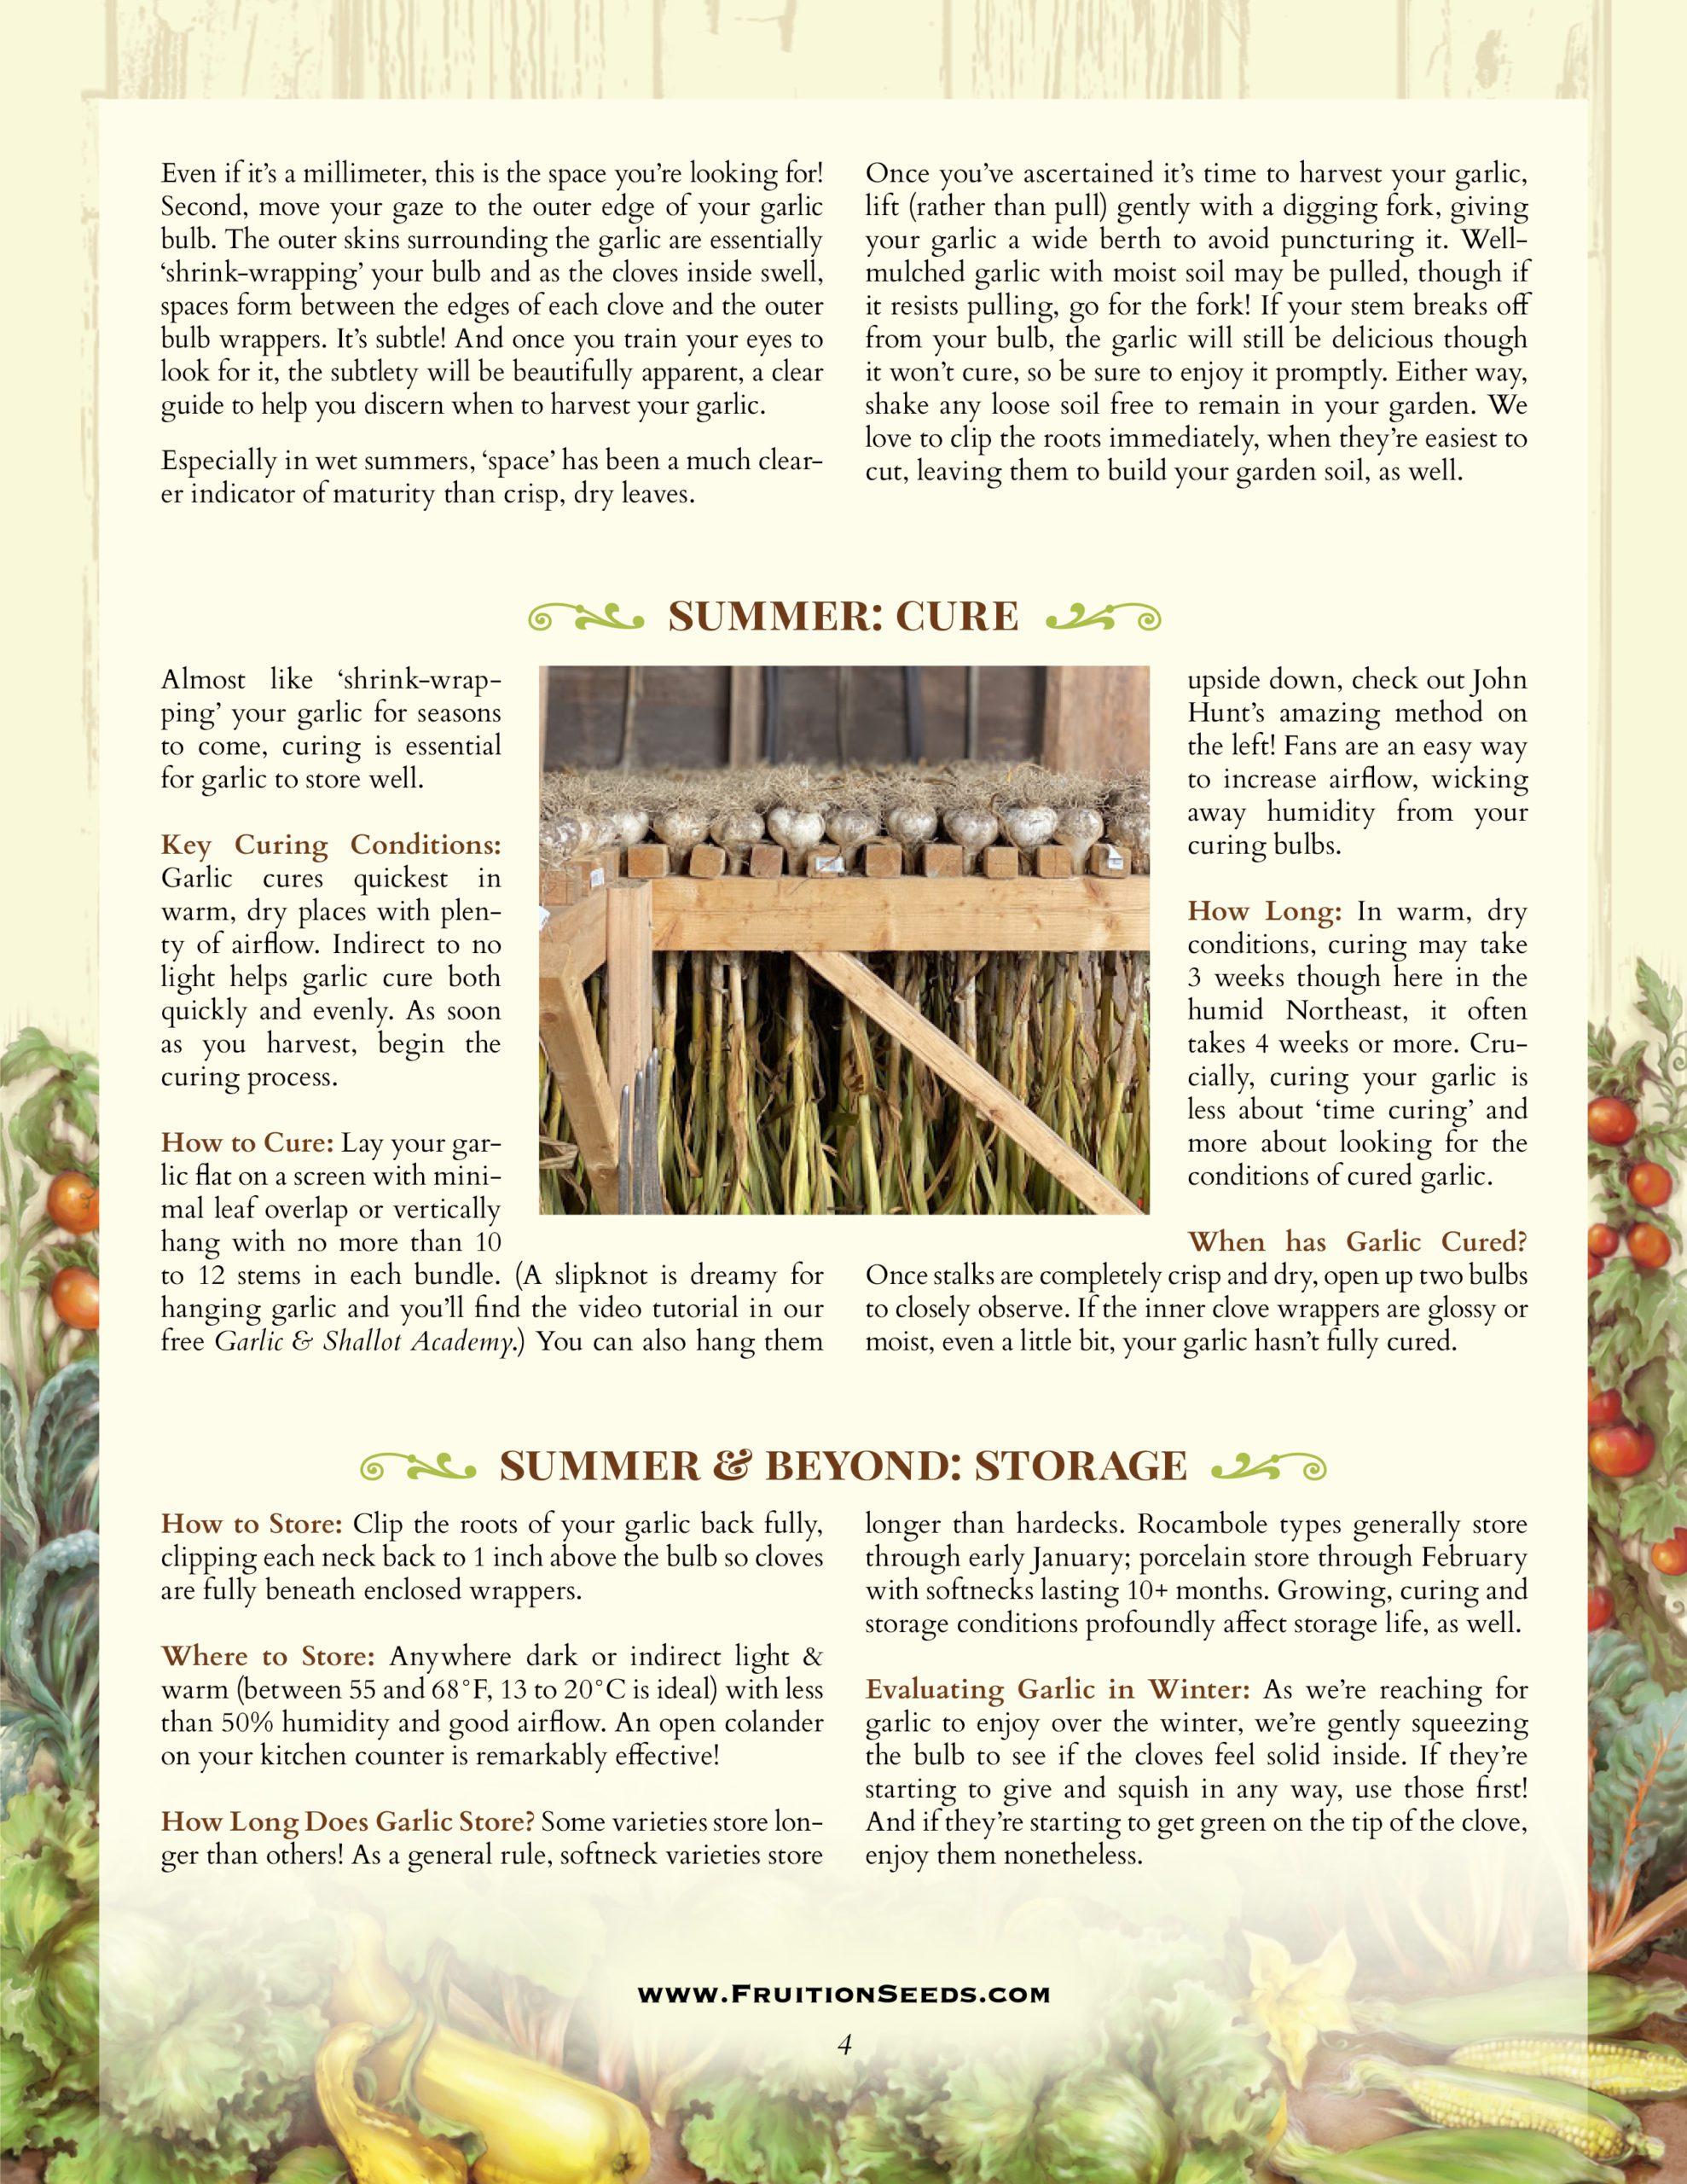 Growing Guide for Garlic Growing Guide